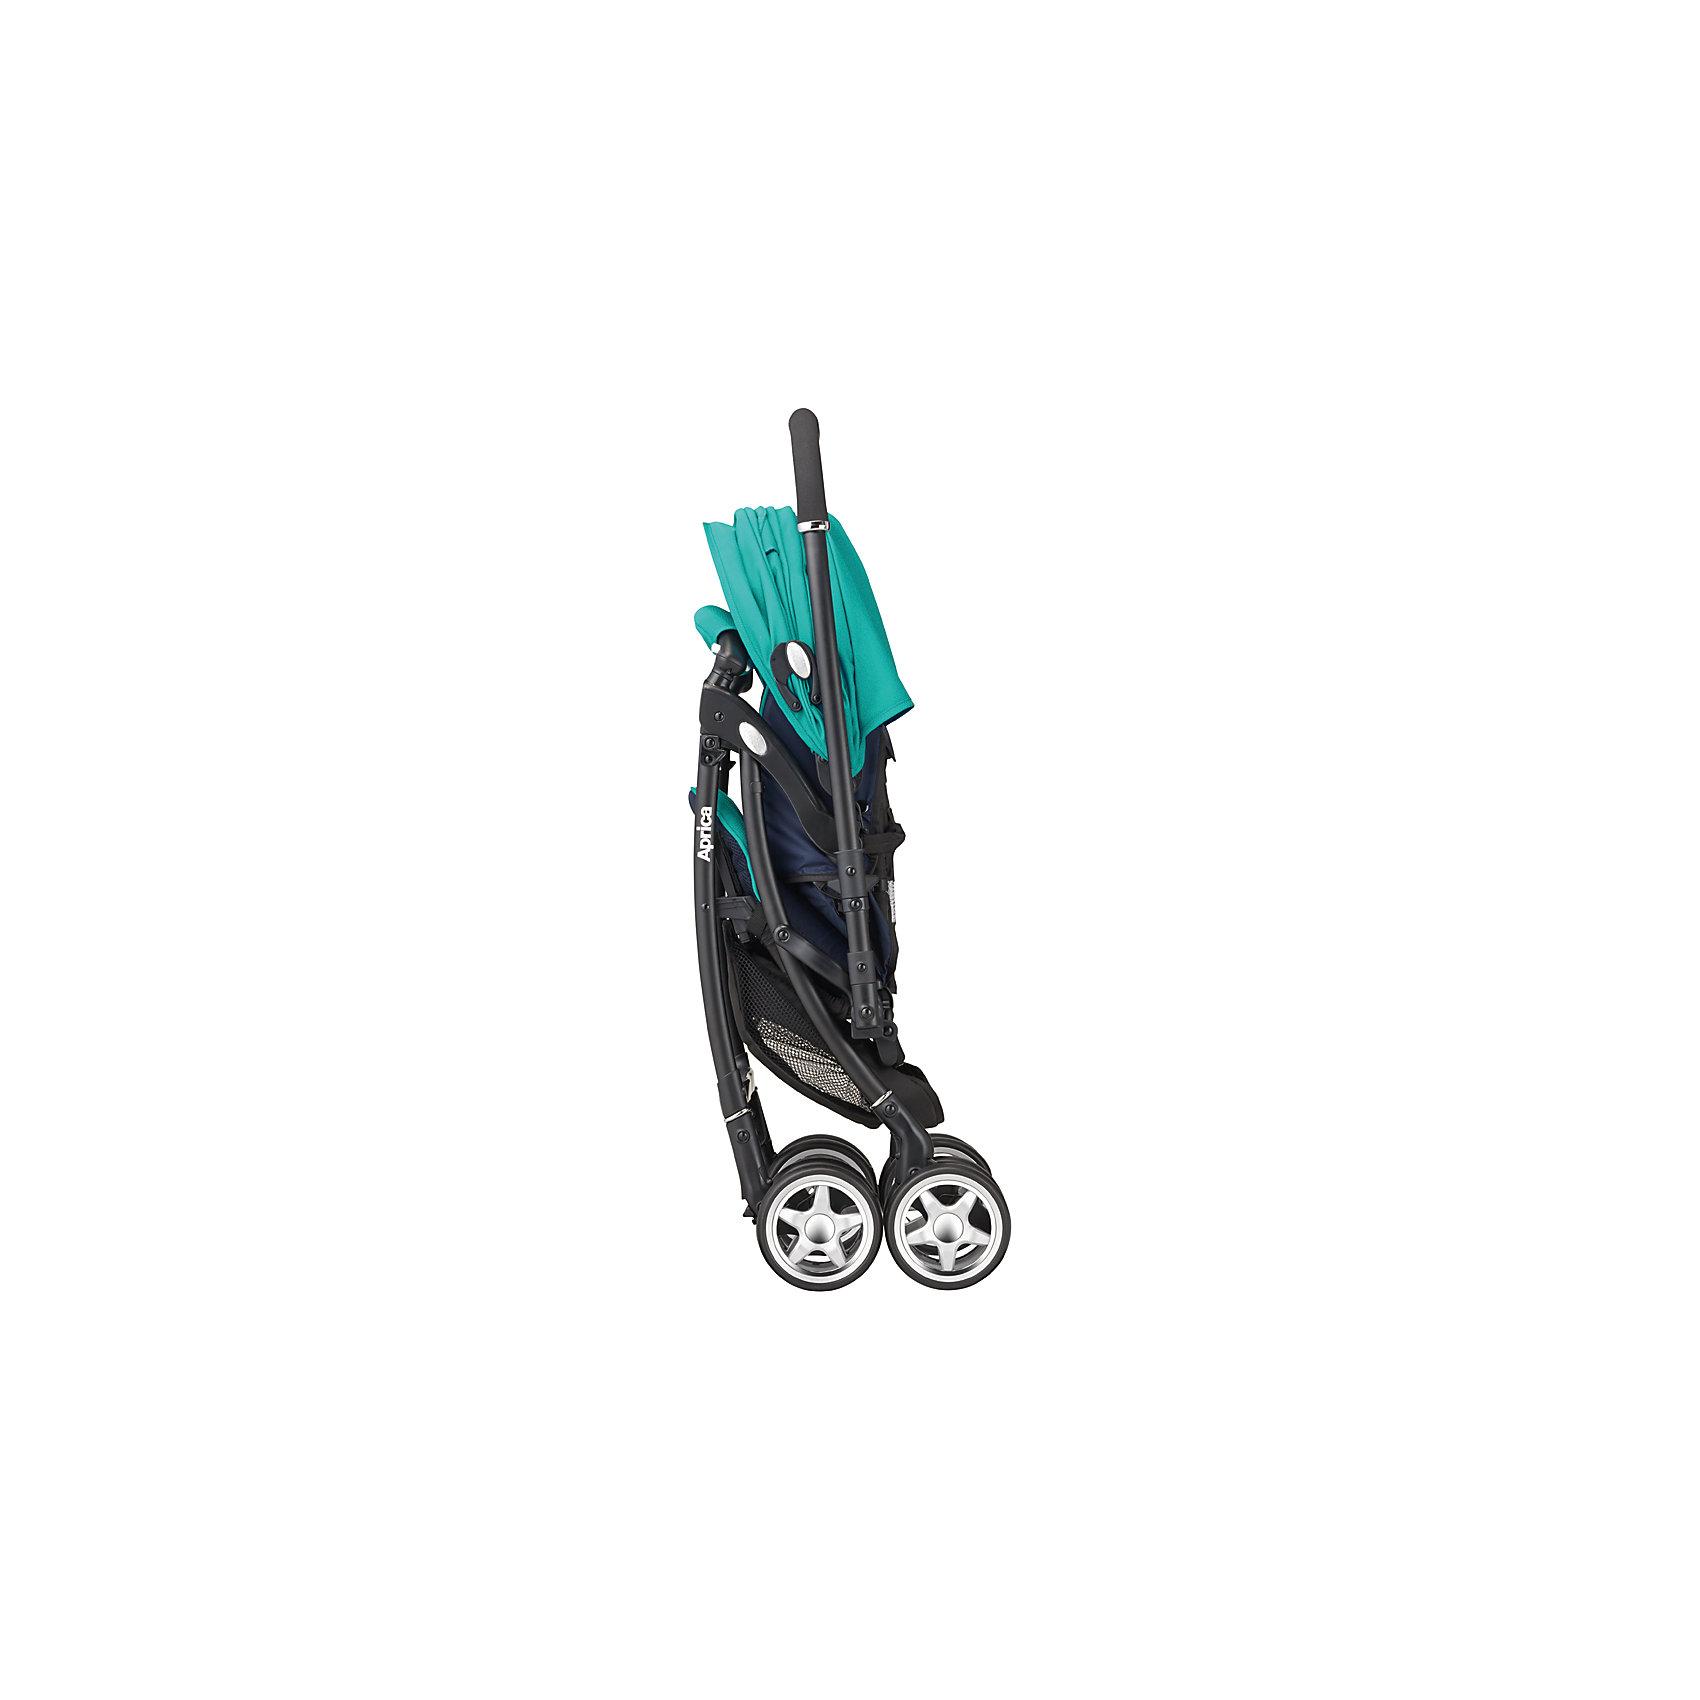 Прогулочная коляска Air Ria Lux, Aprica, зеленый/синий